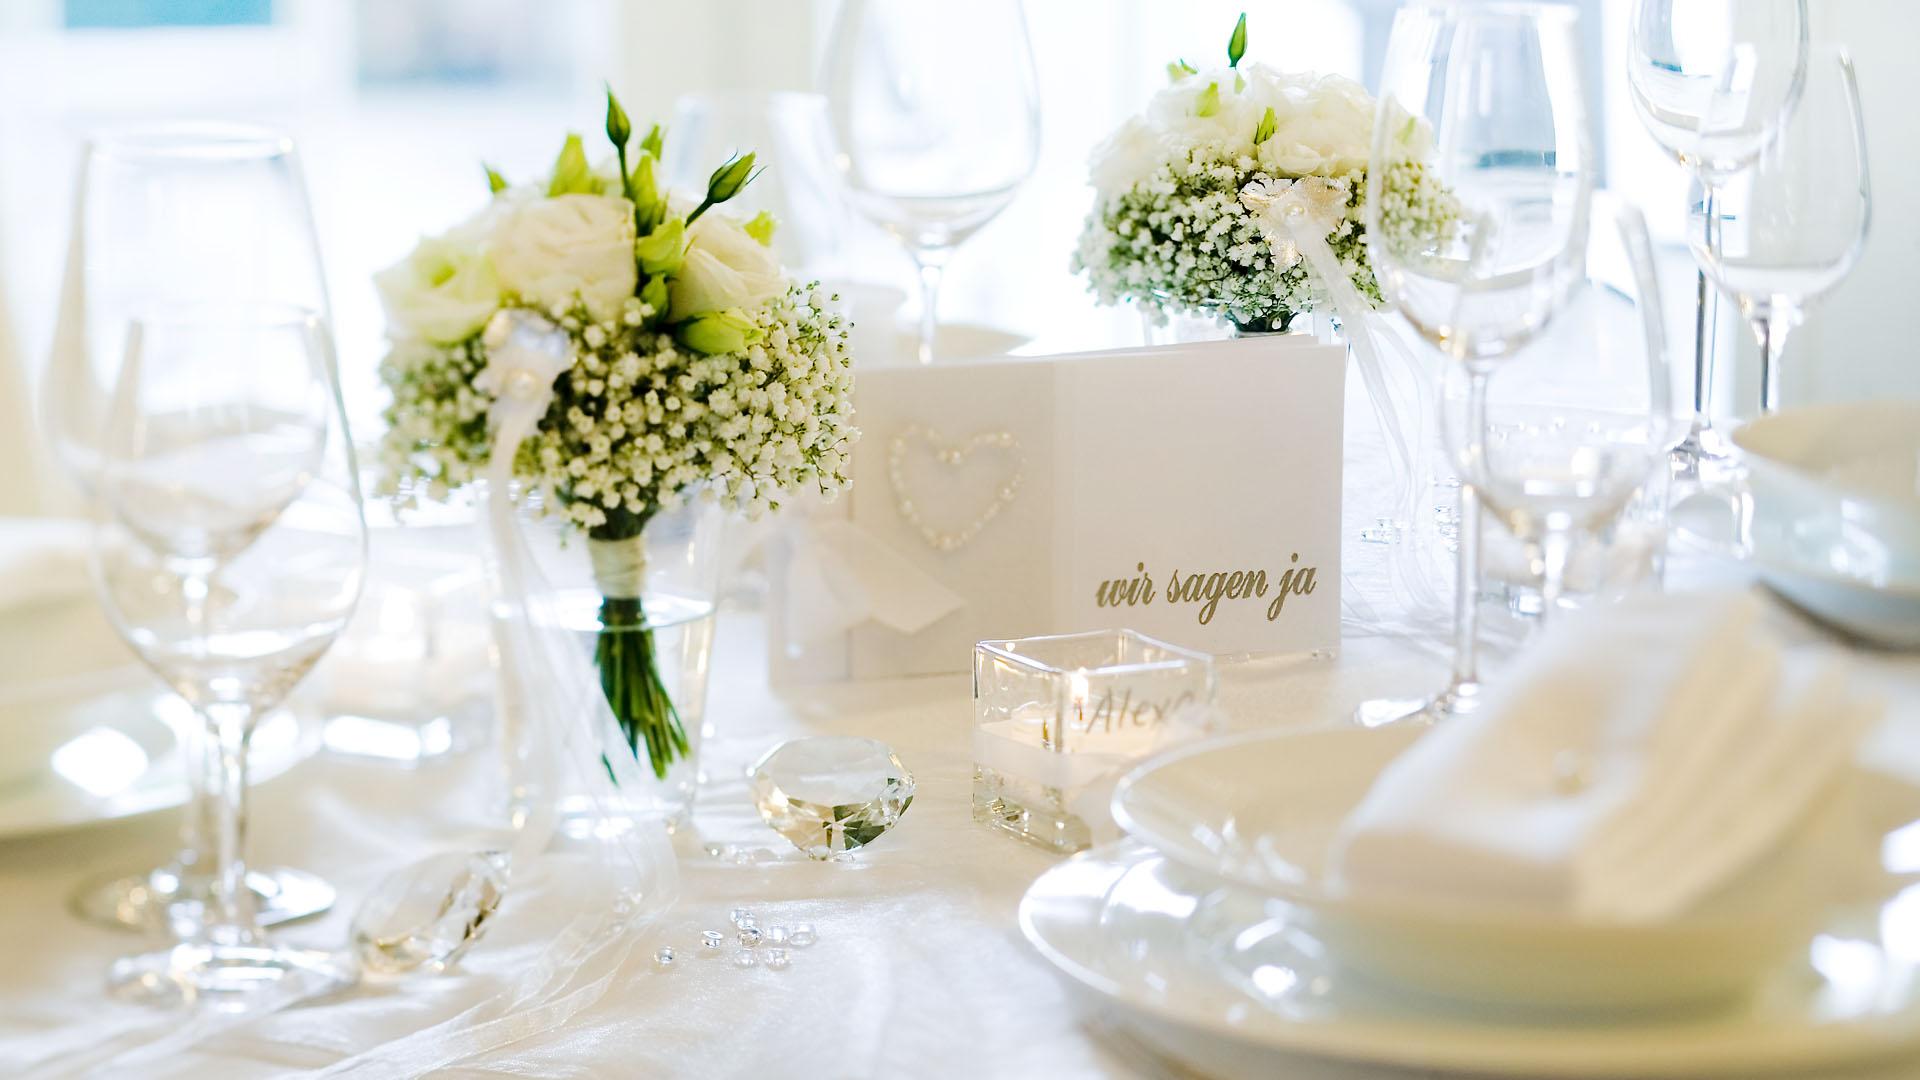 Ideen für Hochzeiten: Ein Traum in Weiß | Einladung